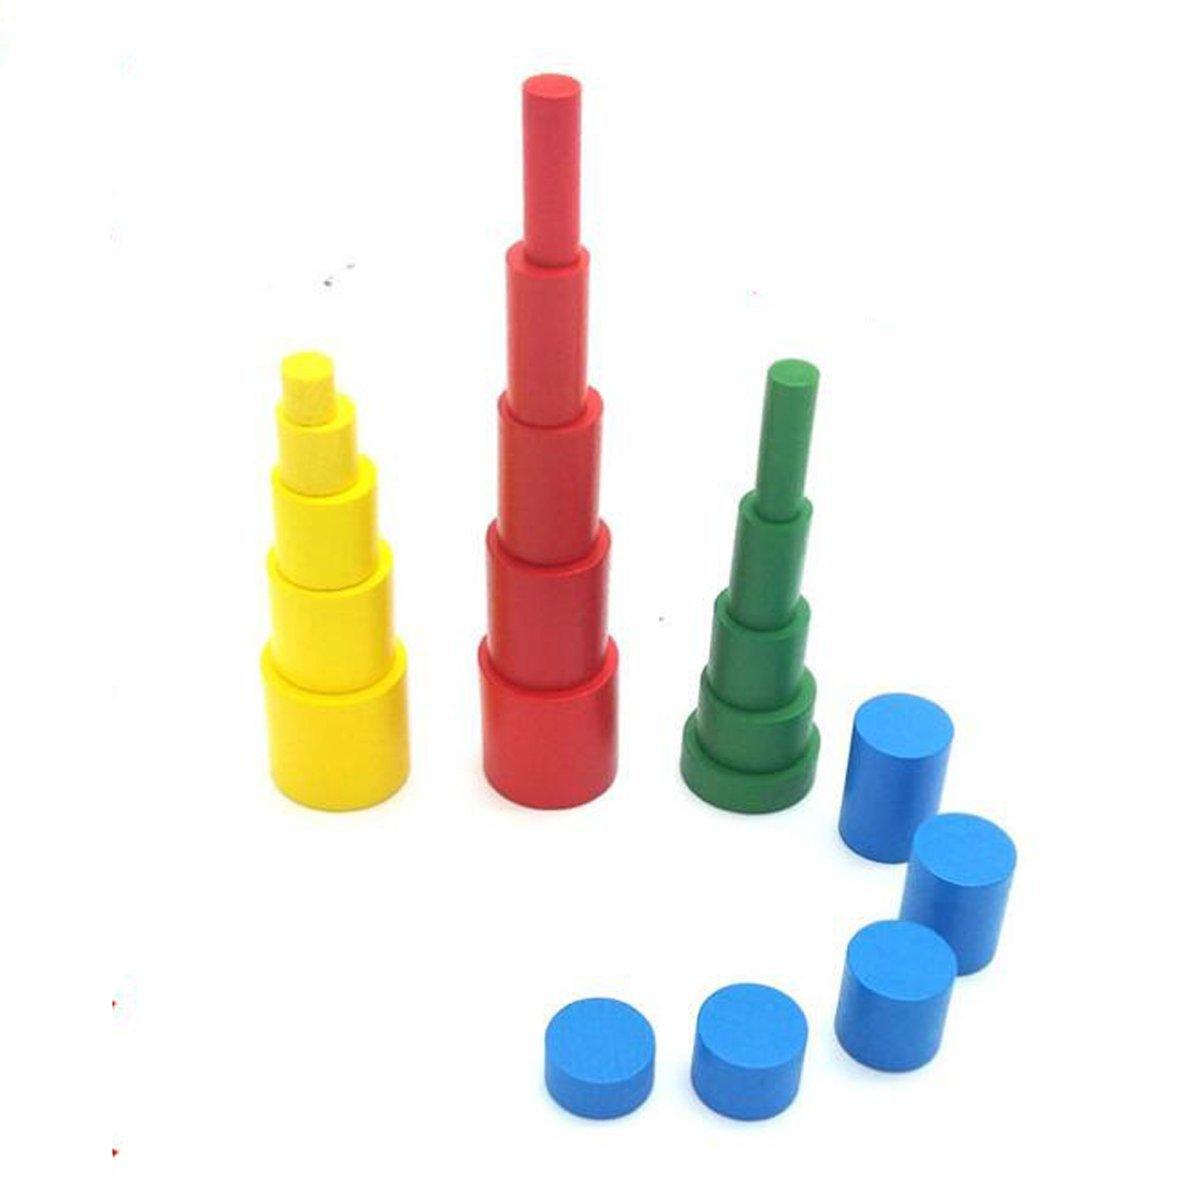 スポーツFitness Montessori 4色木製円柱初期学習教育ラダーブロックFamily Pack for Kids   B07CZHGHNW